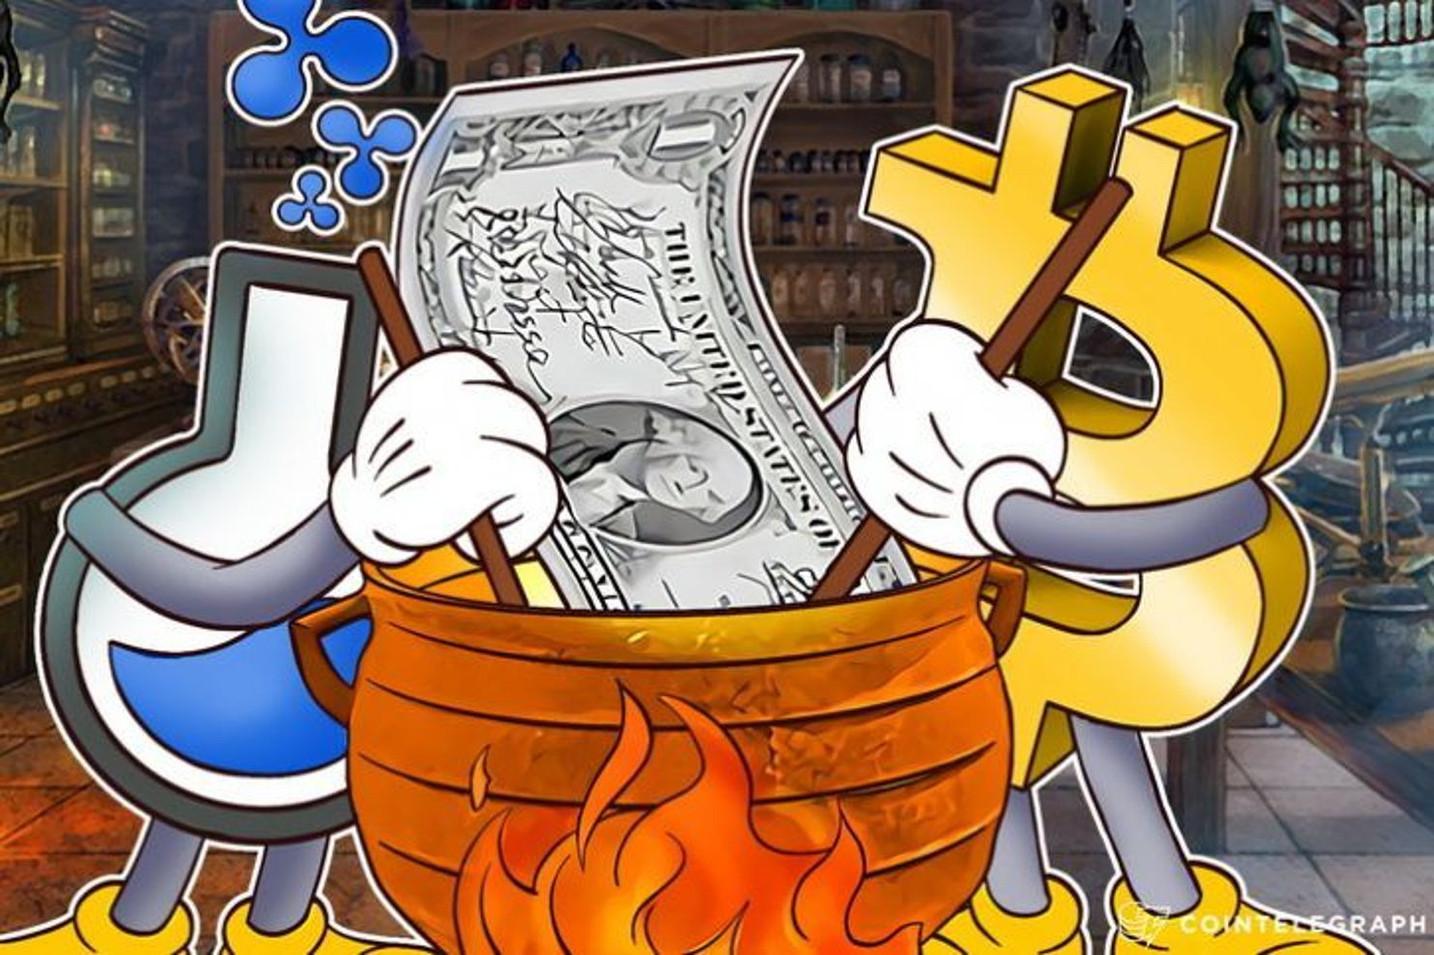 ビットコインとリップルは割安?スタンフォード大教授が仮想通貨の新たな計算方法を発表